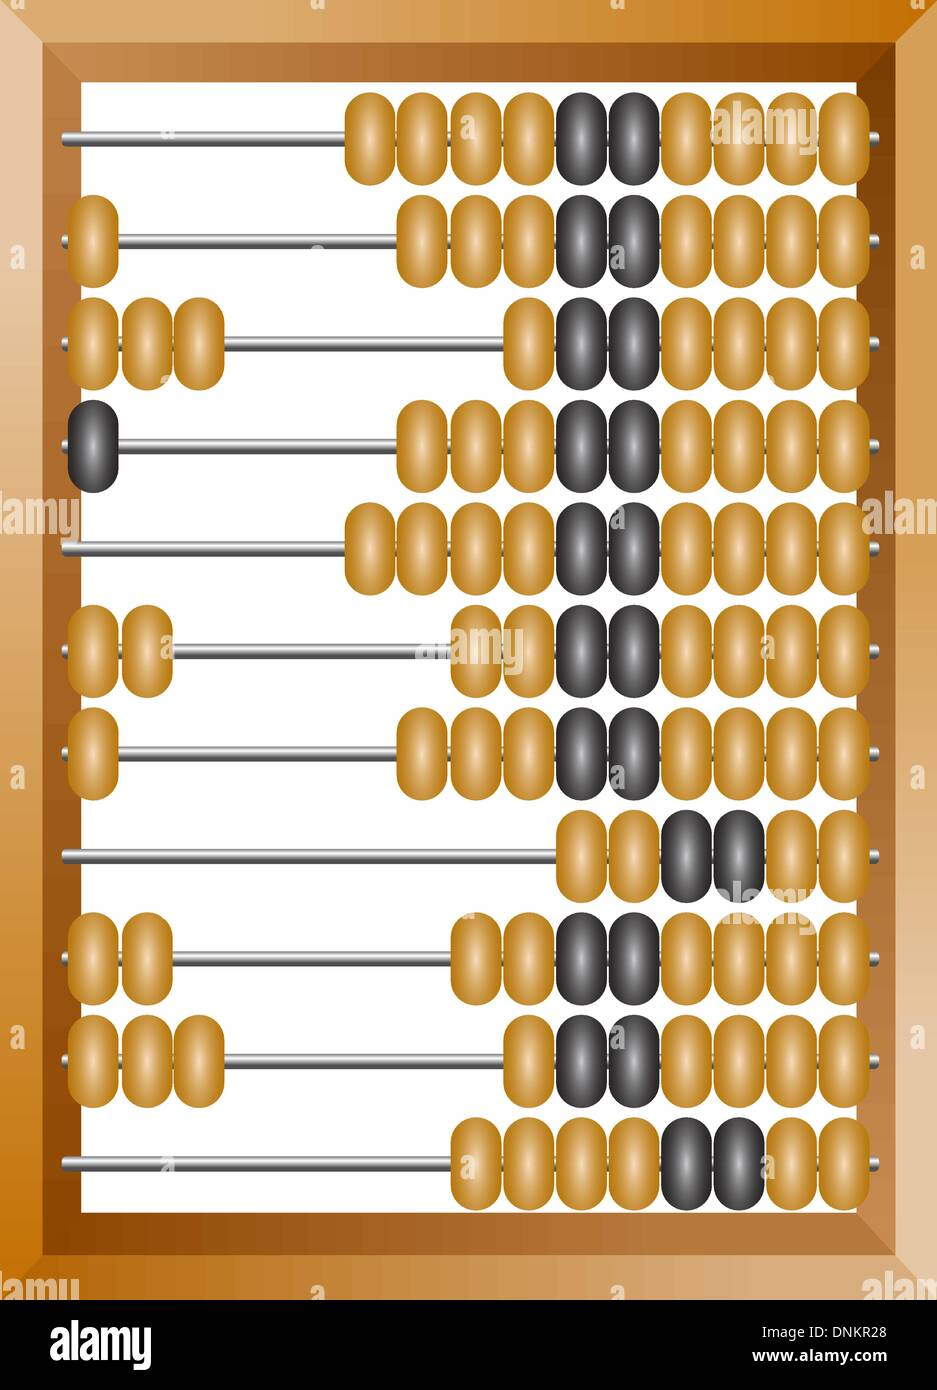 Abacus Accounting für Finanzberechnungen liegt auf einem weißen Hintergrund Stock Vektor